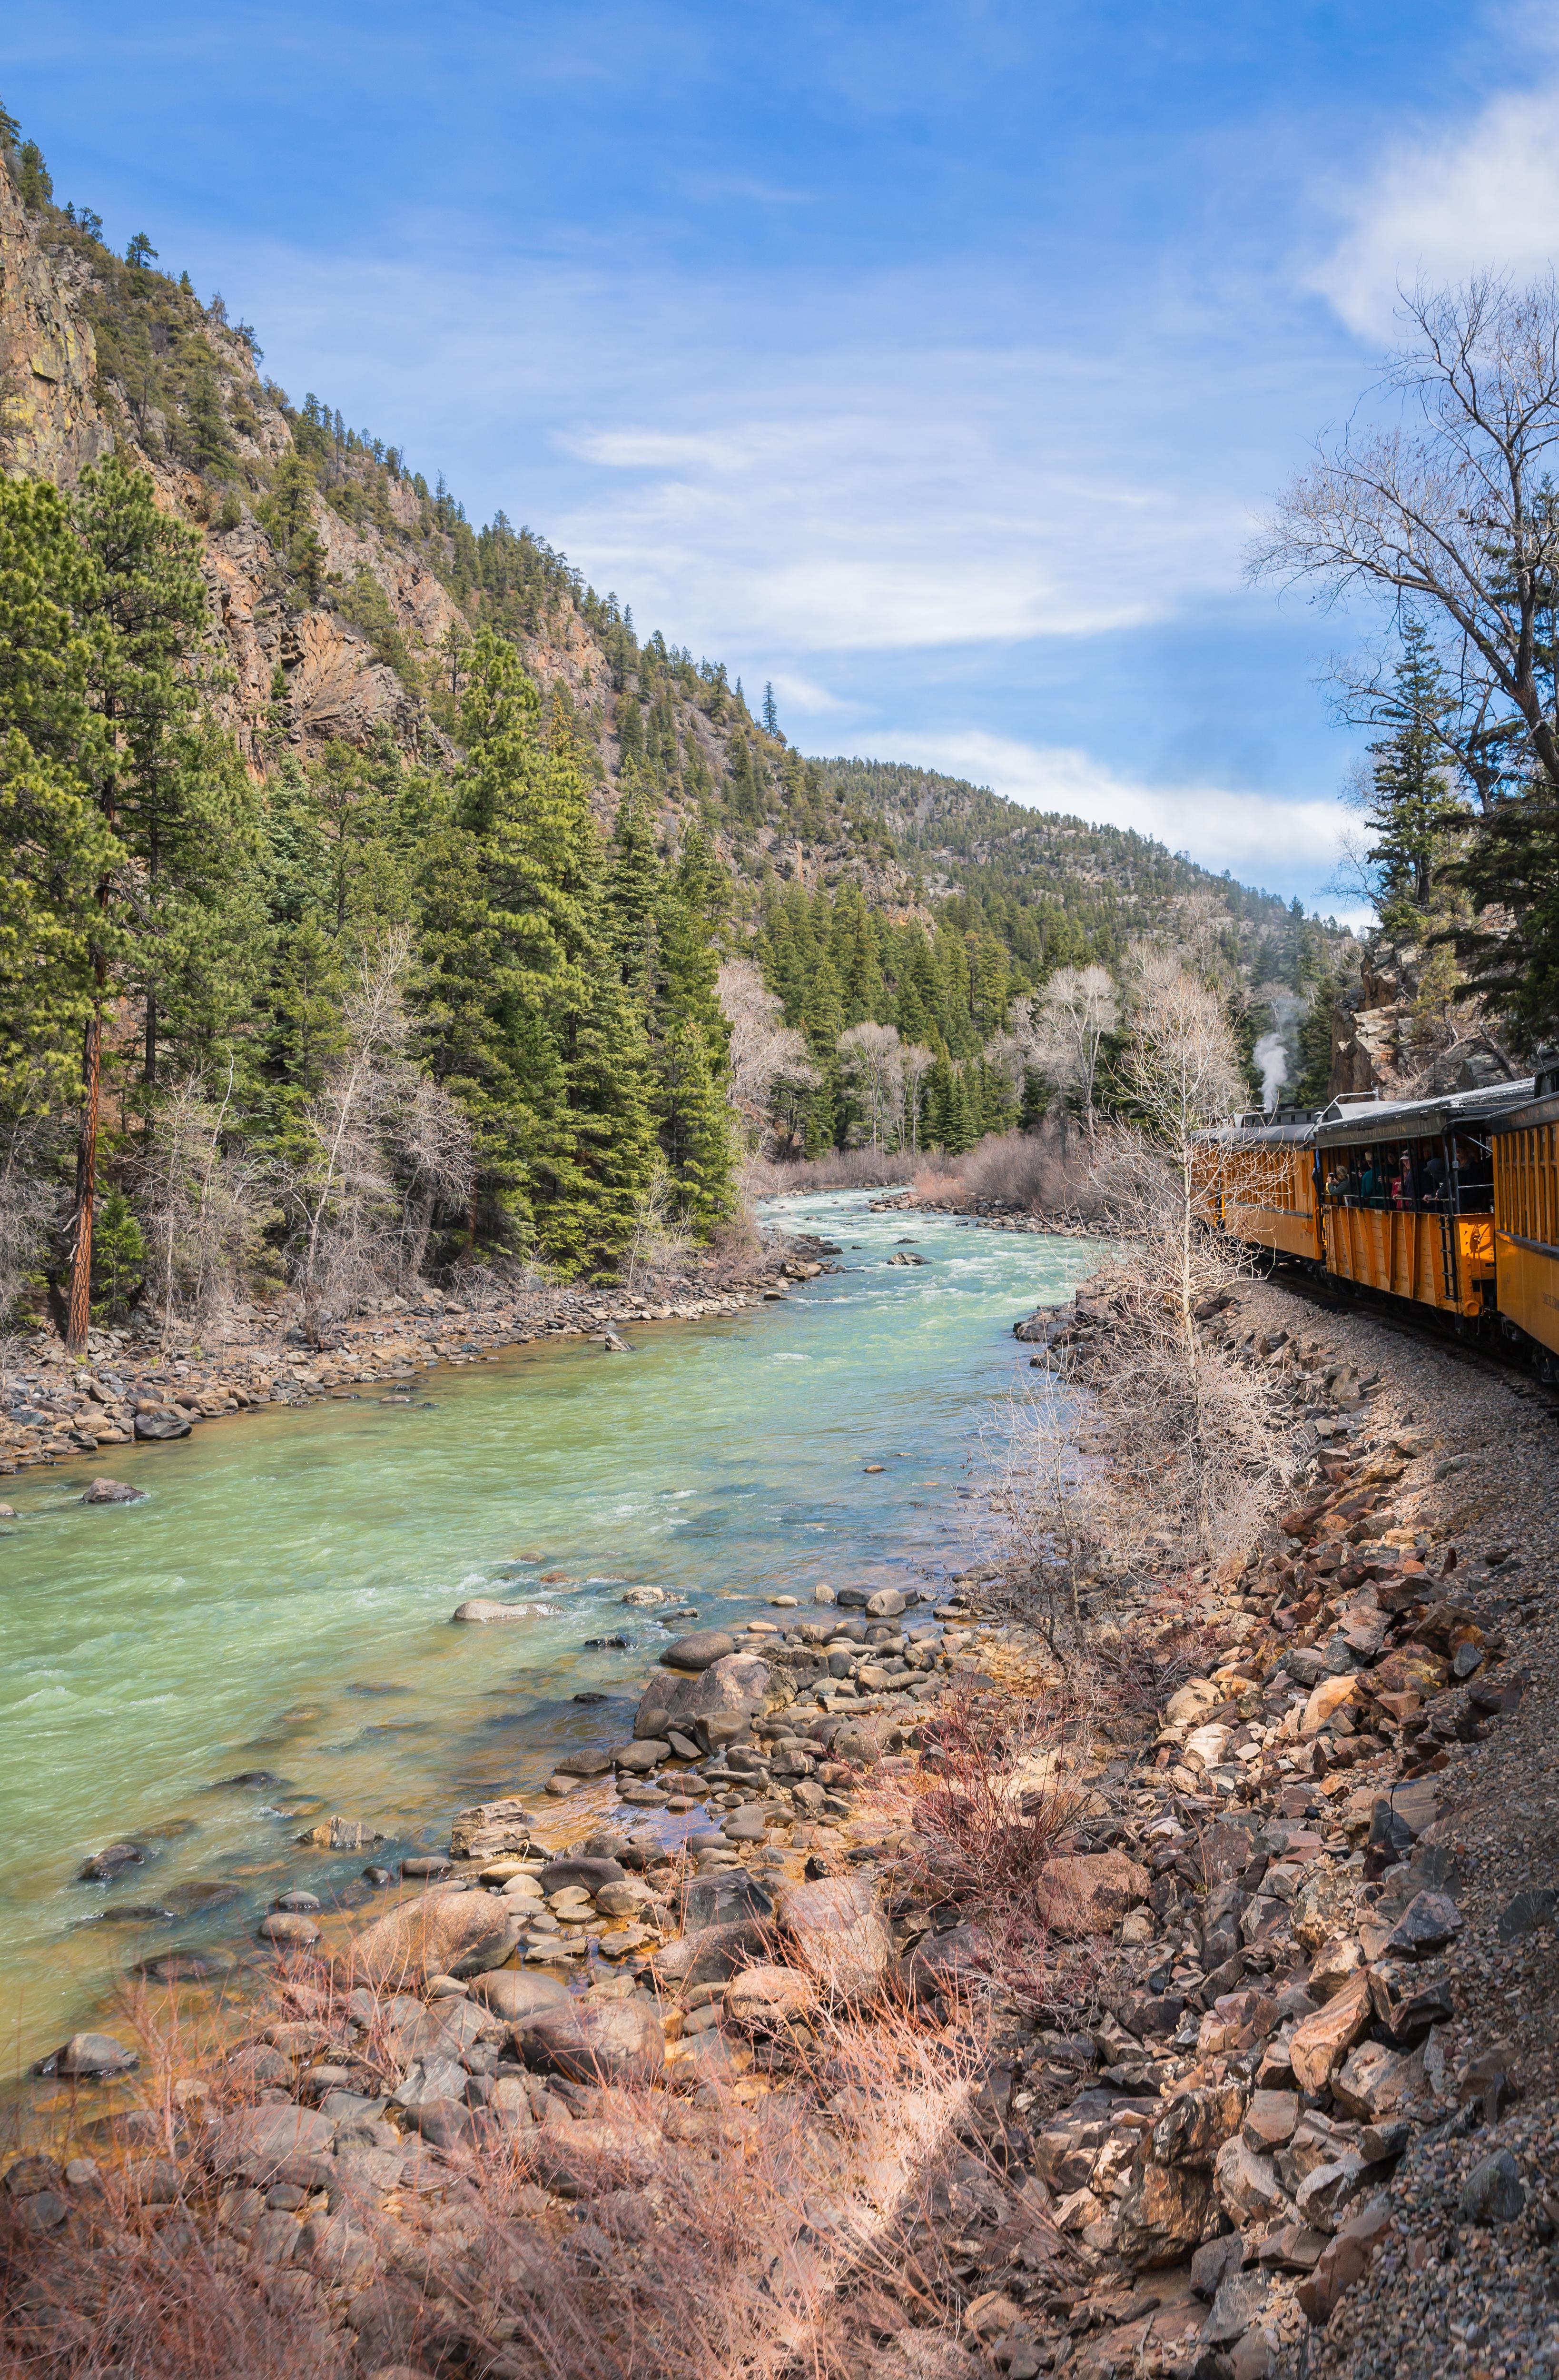 River & Track